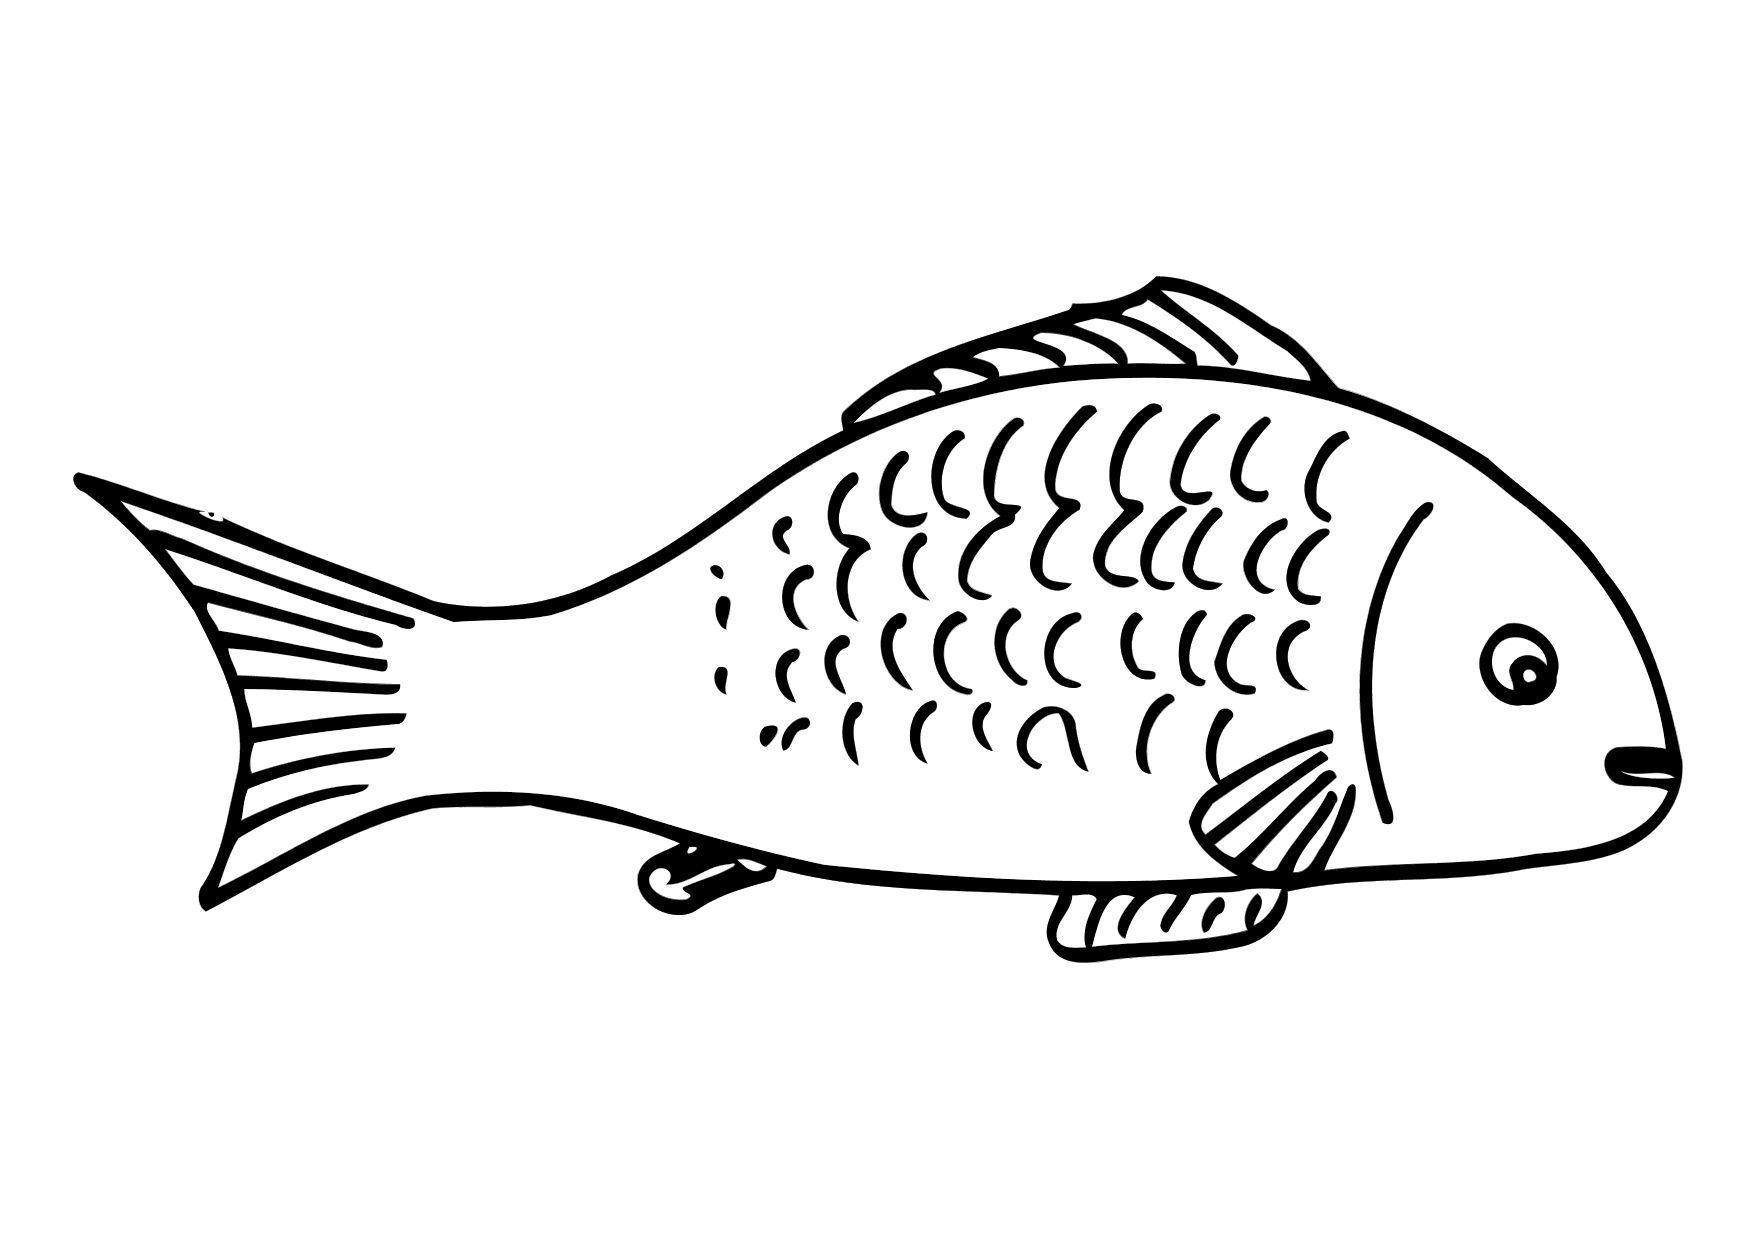 Malvorlage Fisch  Ausmalbild 12301